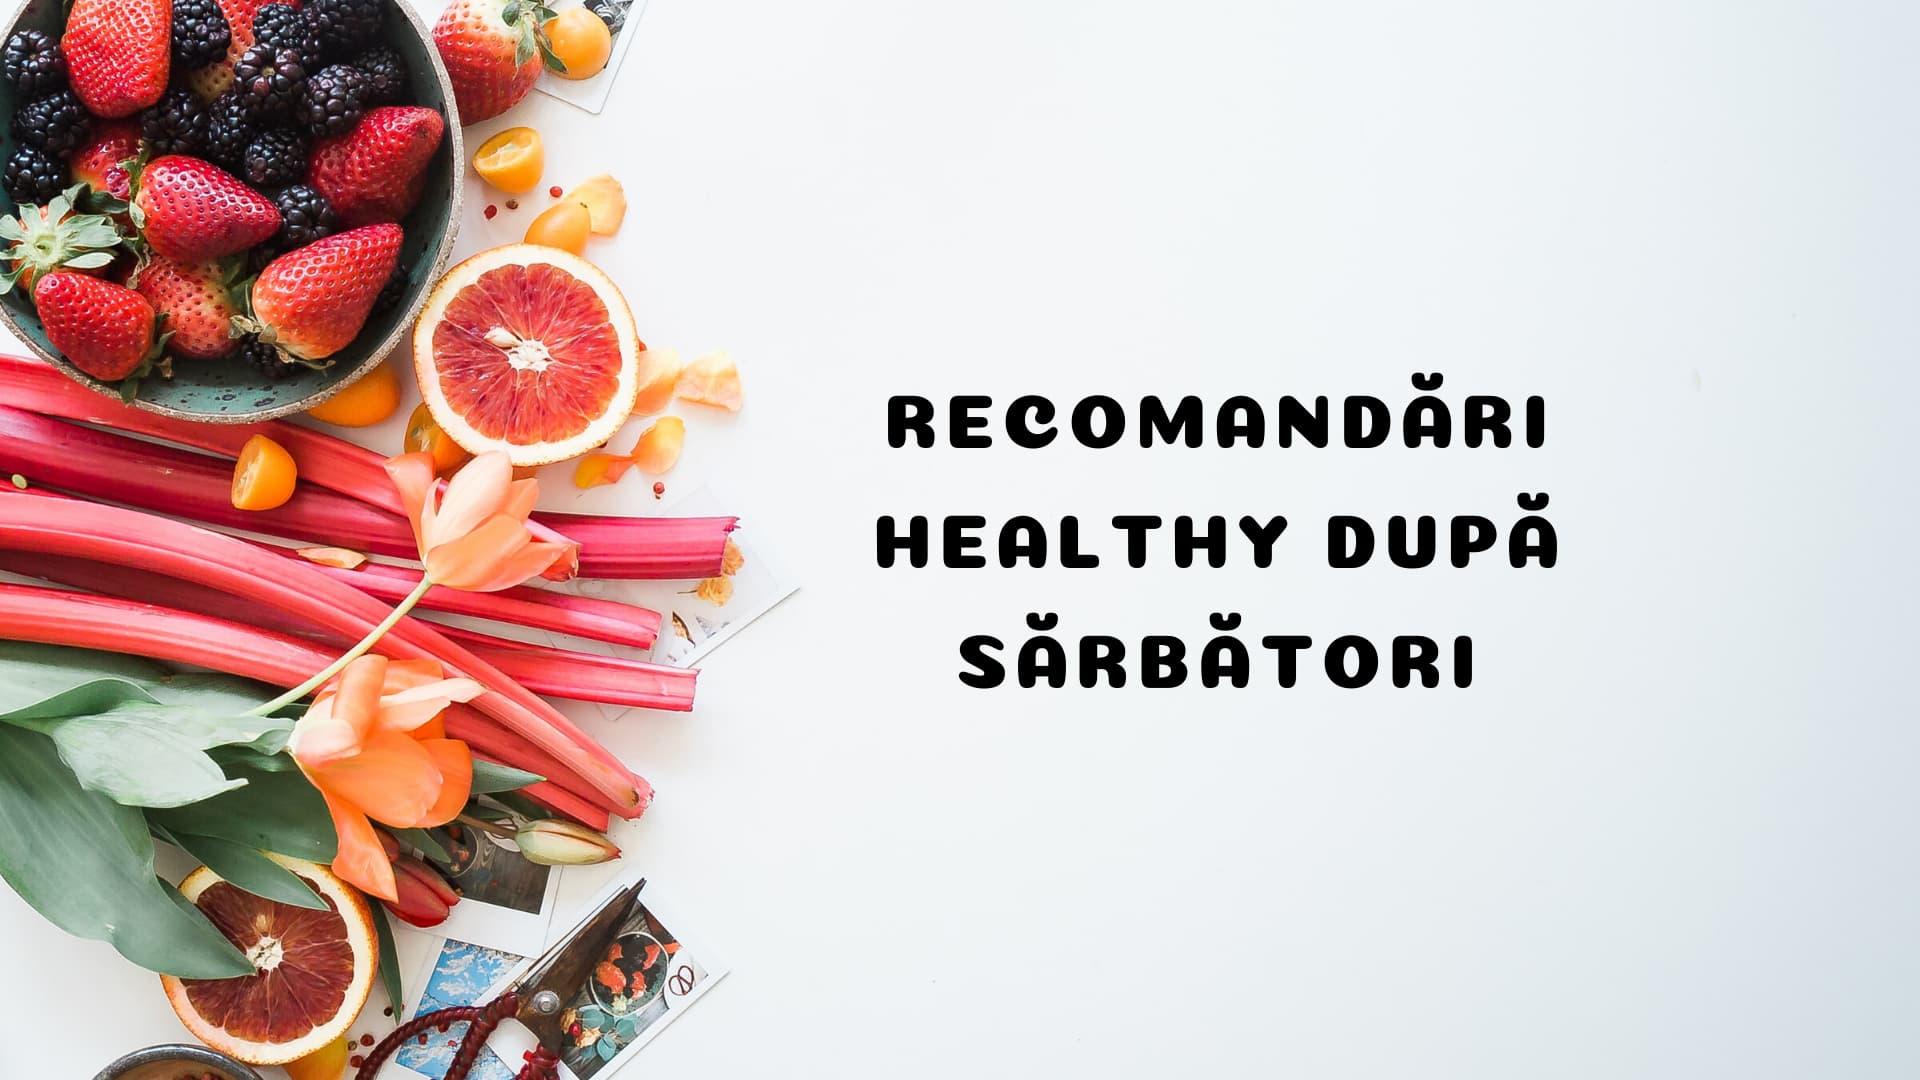 7 recomandări healthy după sărbători